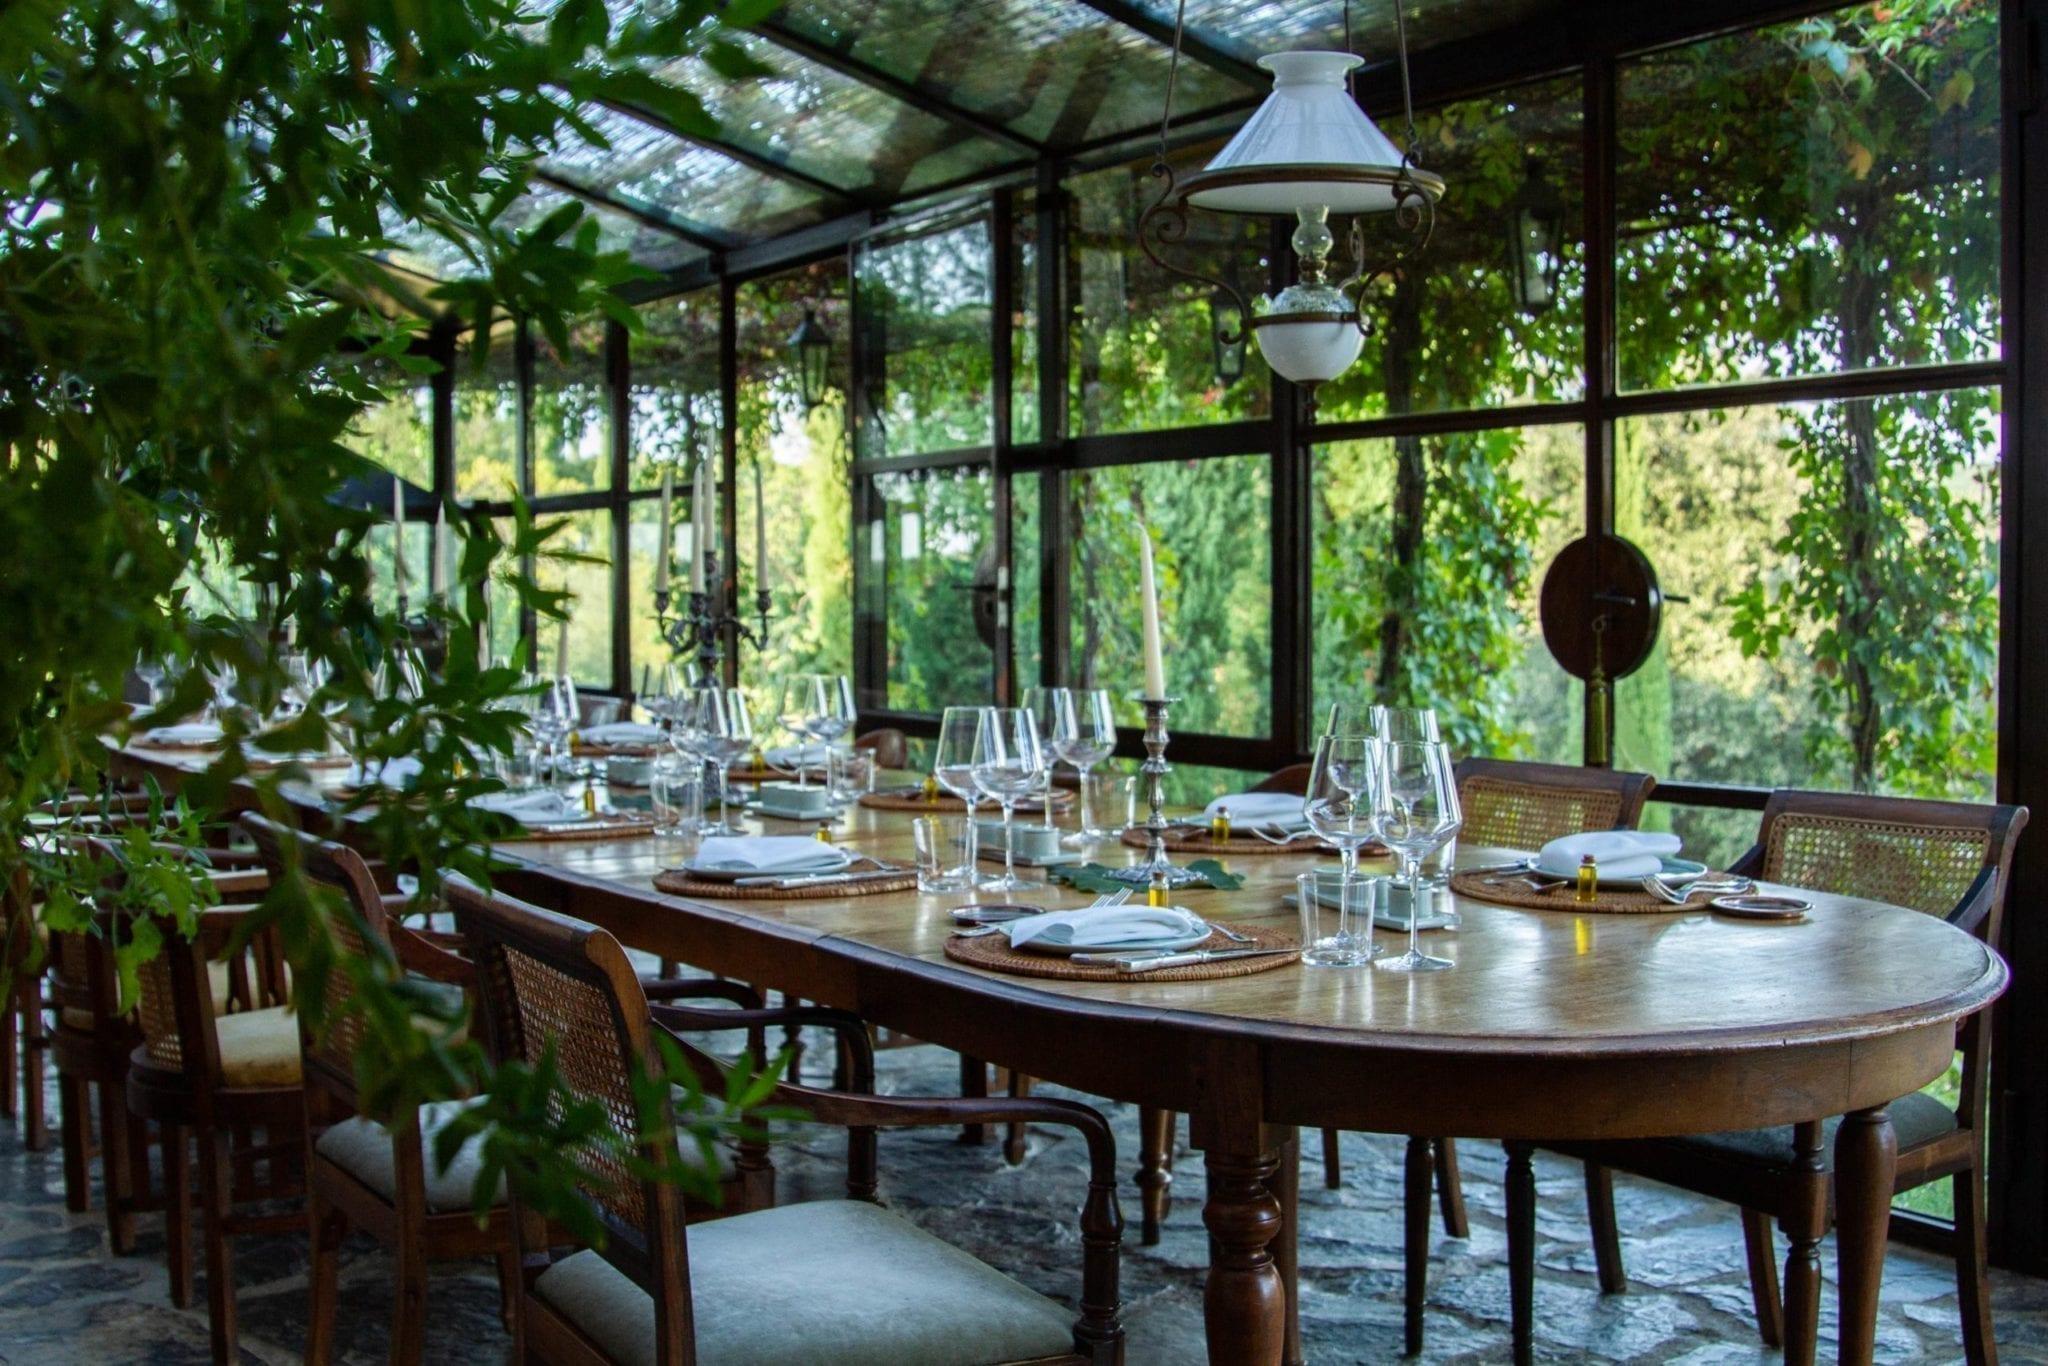 Nest Table: Tavolata